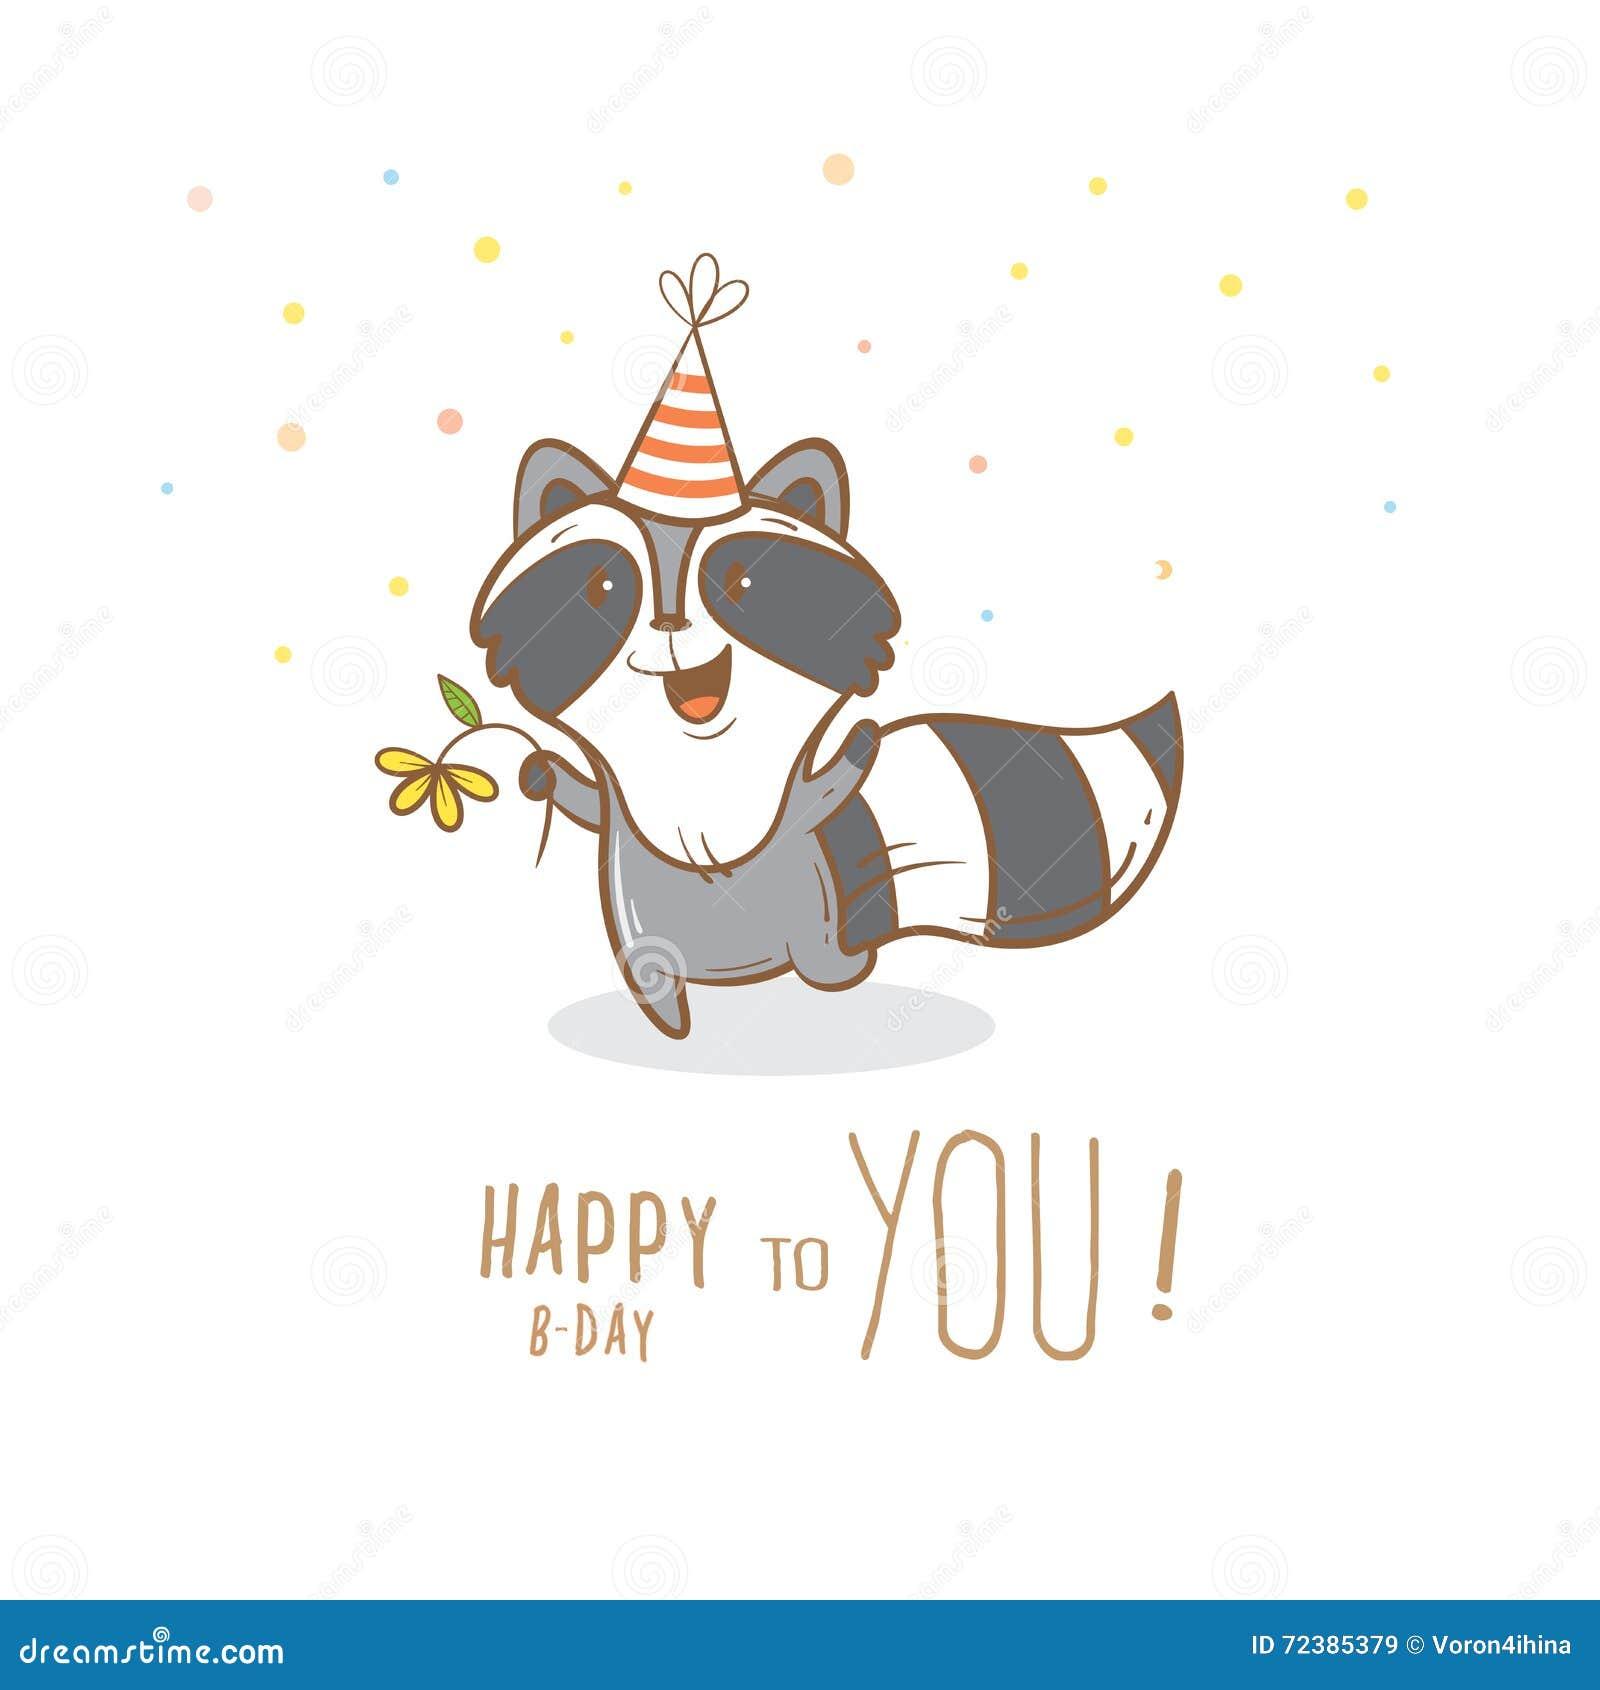 Хенд мейд, картинка с енотом и надписью с днем рождения